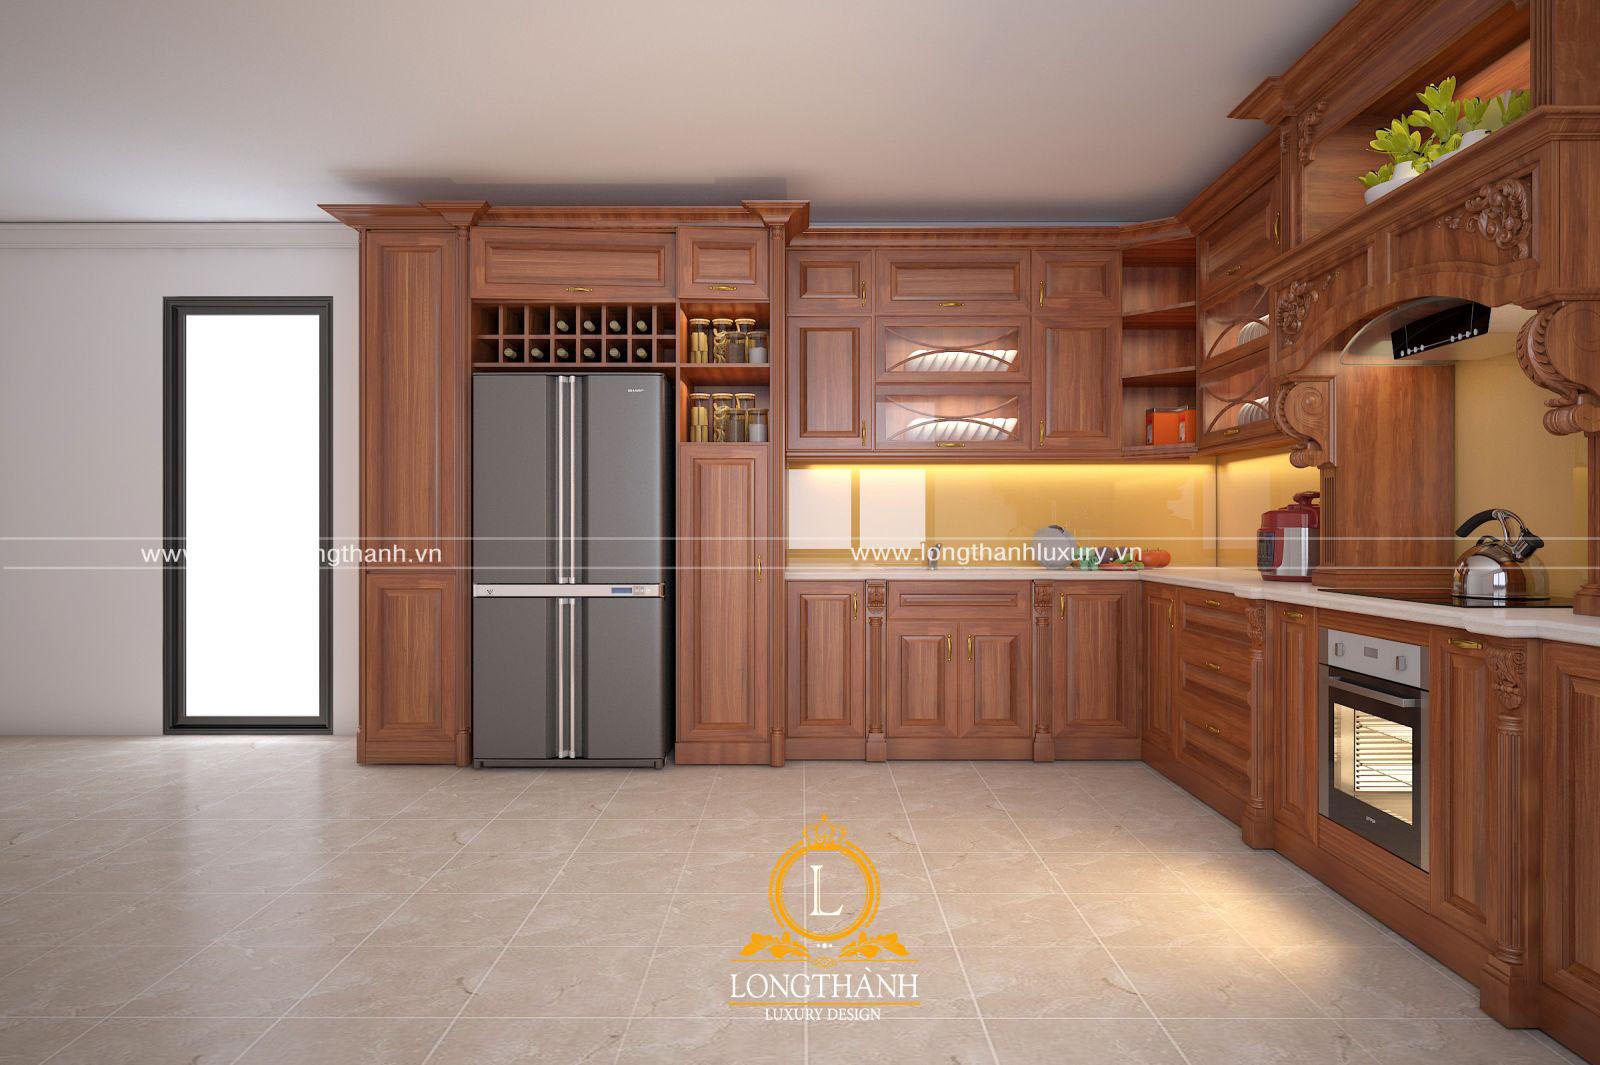 Mẫu tủ bếp gỗ hương tân cổ điển sang trọng